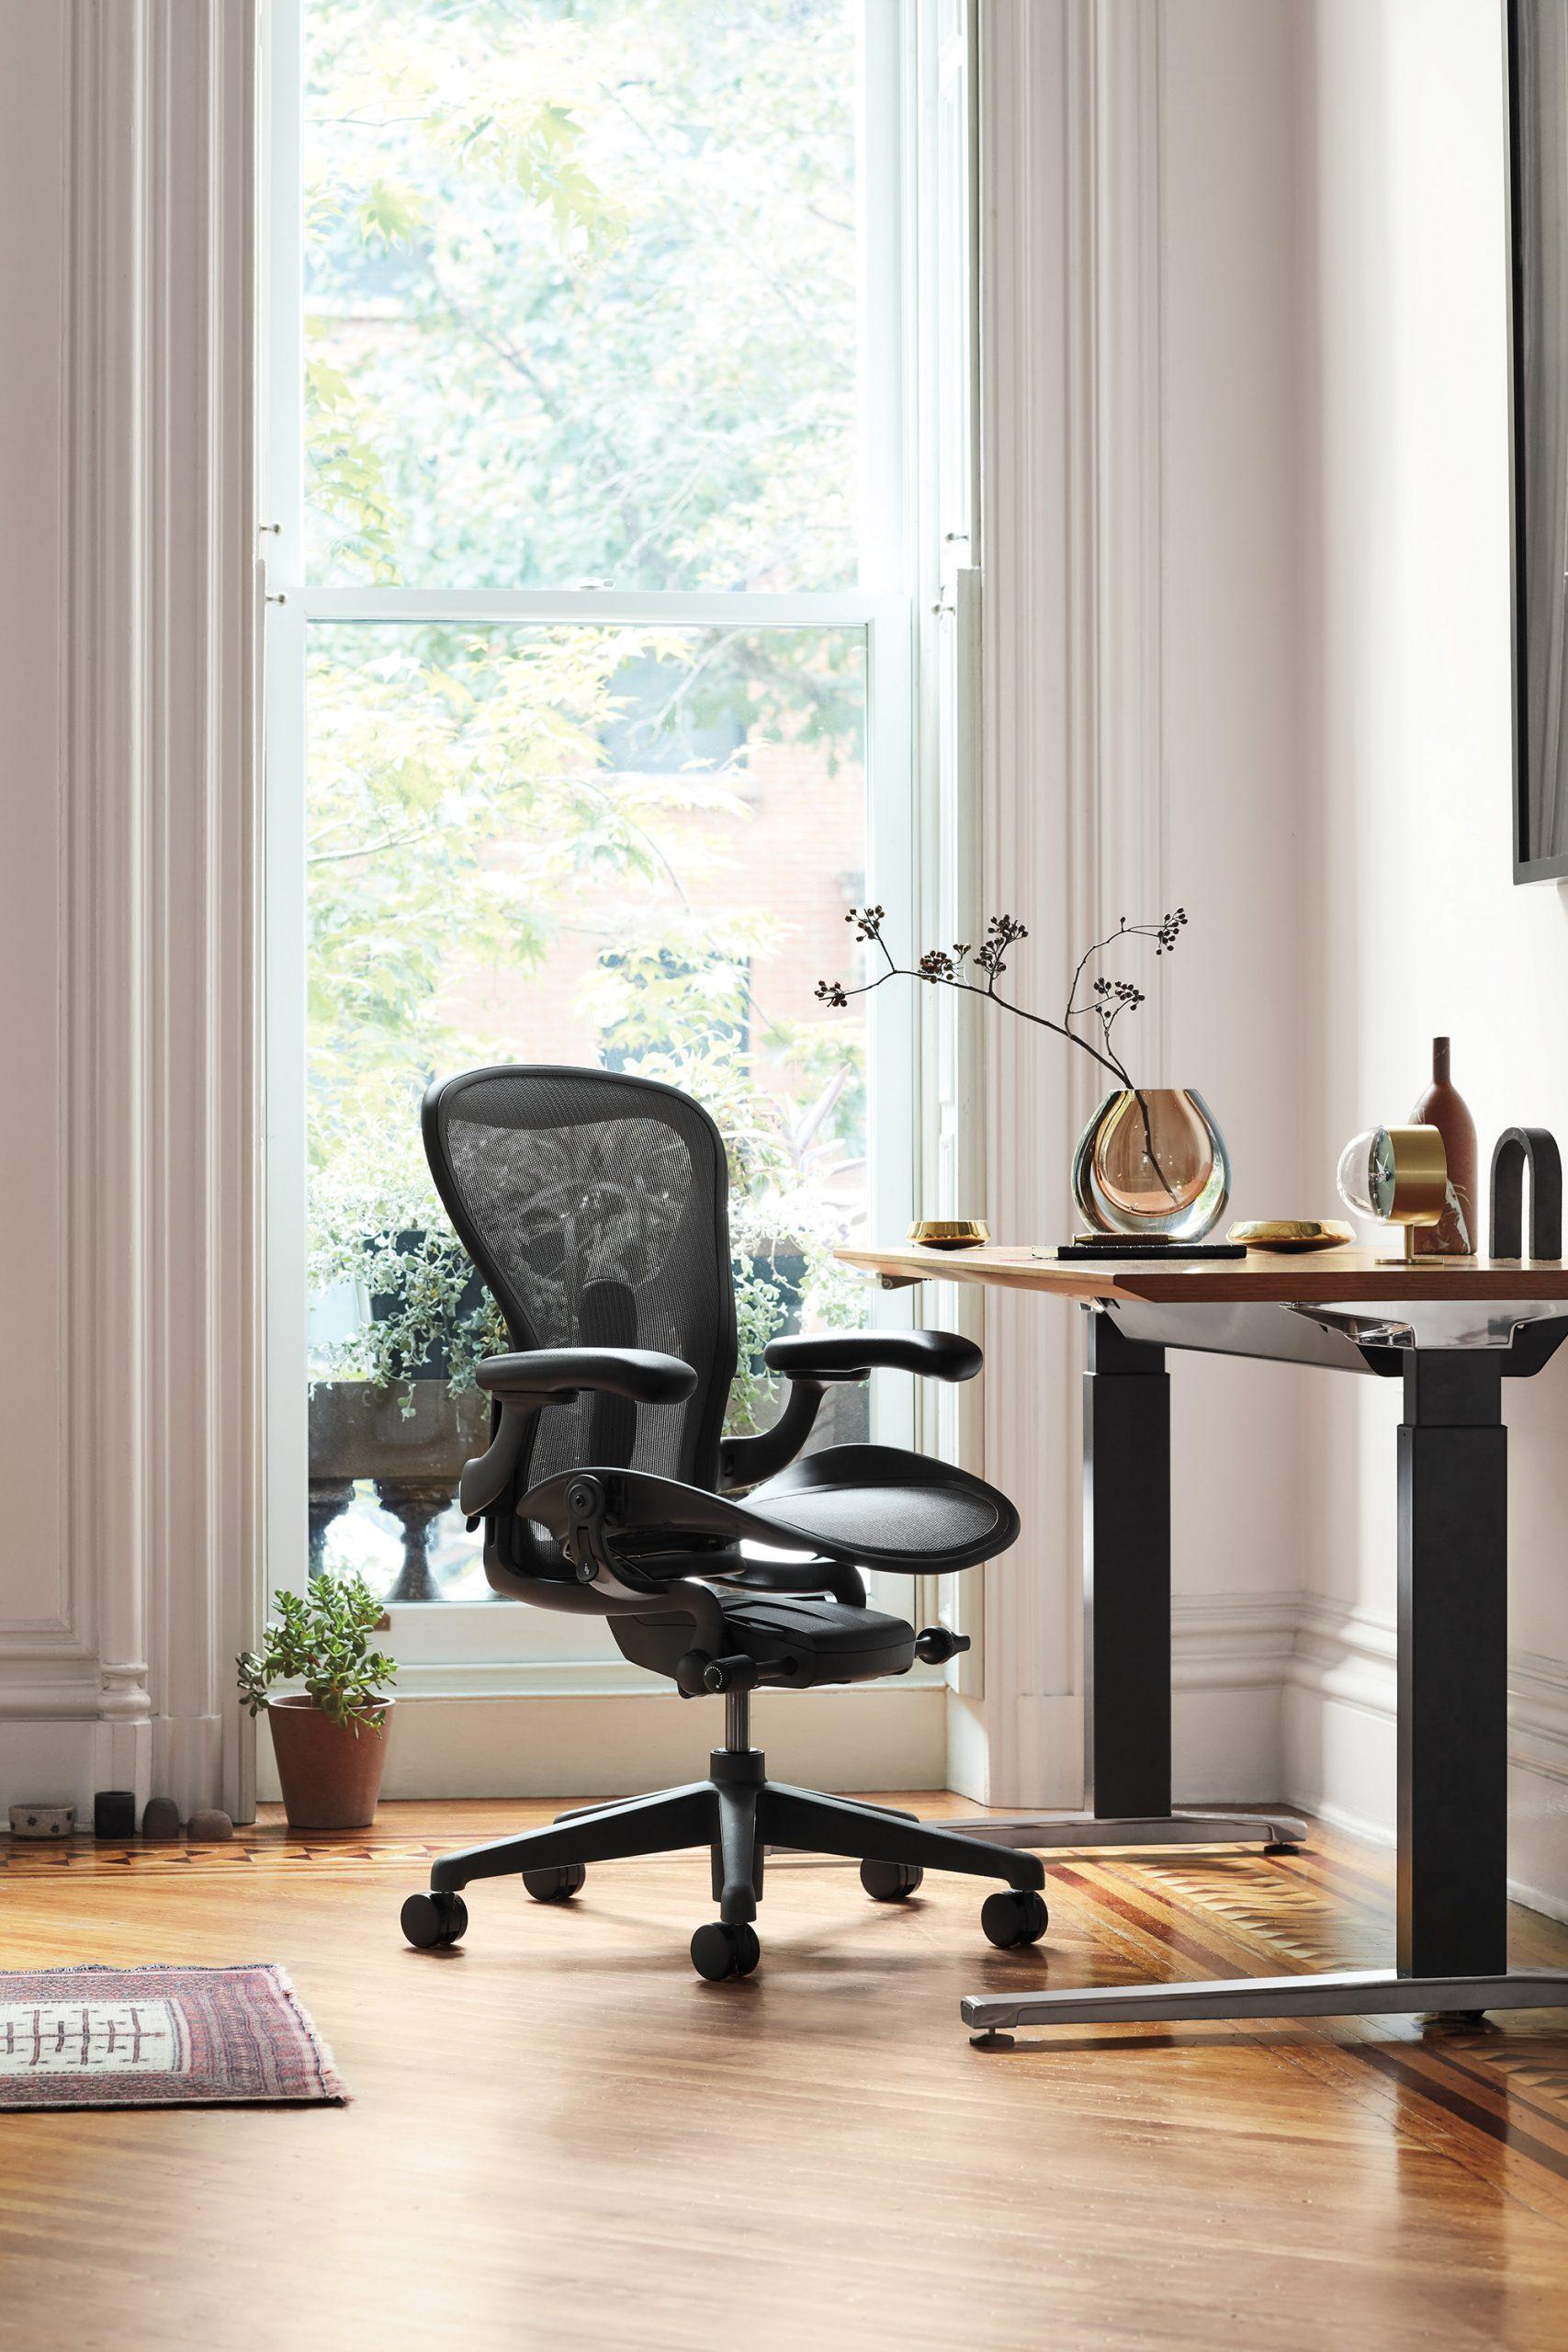 Ergonomischer Bürostuhl- Wirken Sie Schäden durch eine falsche Sitzhaltung entgegen ! Hermann Miller - Aeron